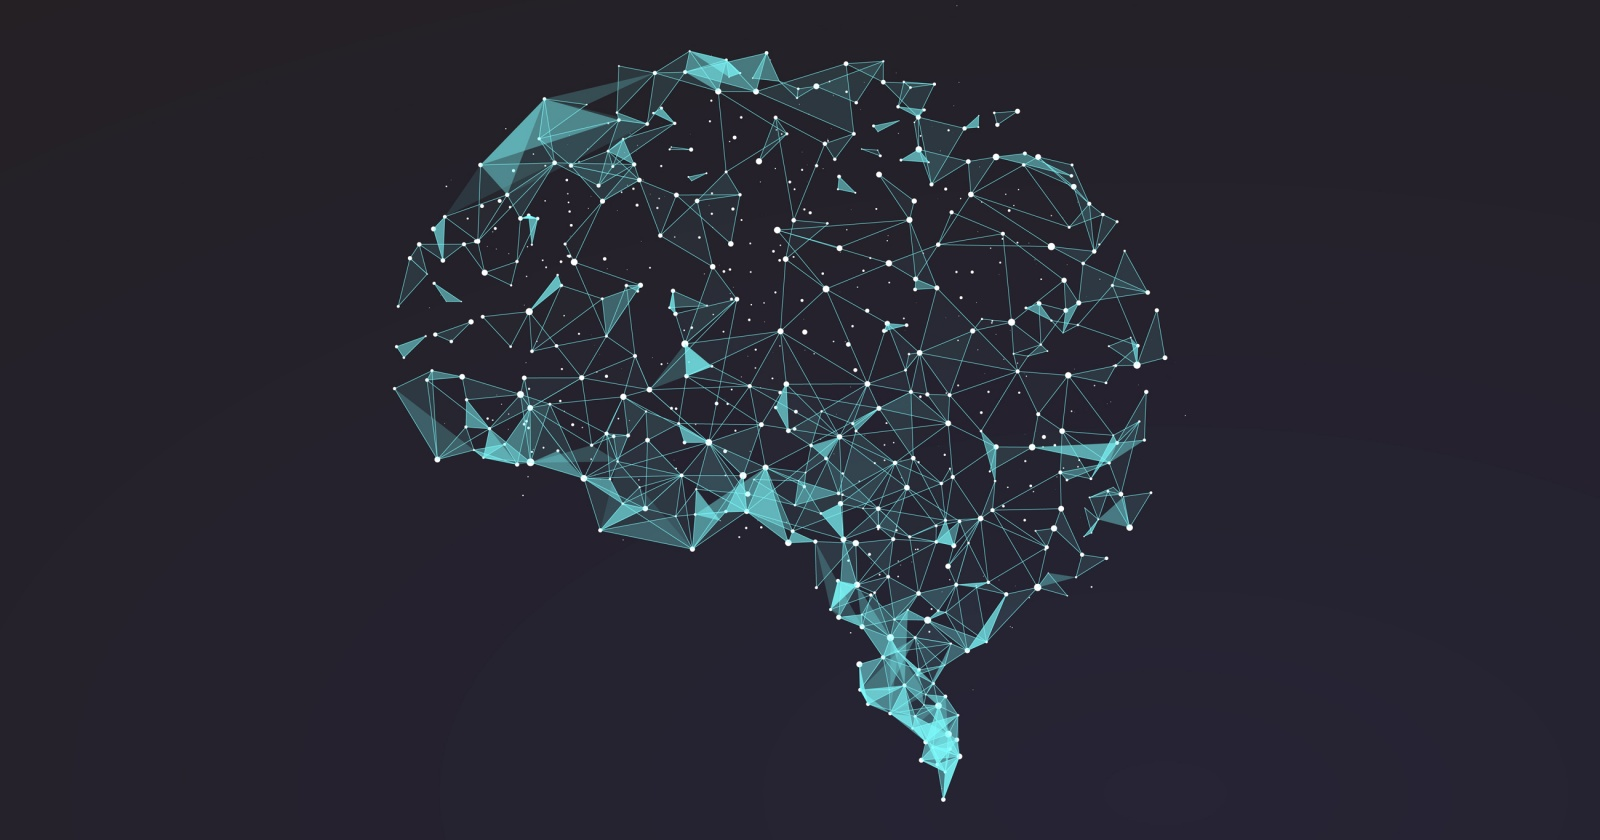 Рецепт искусственного мозга: нанотрубки, полиоксометаллат и щепотка электронов - 1